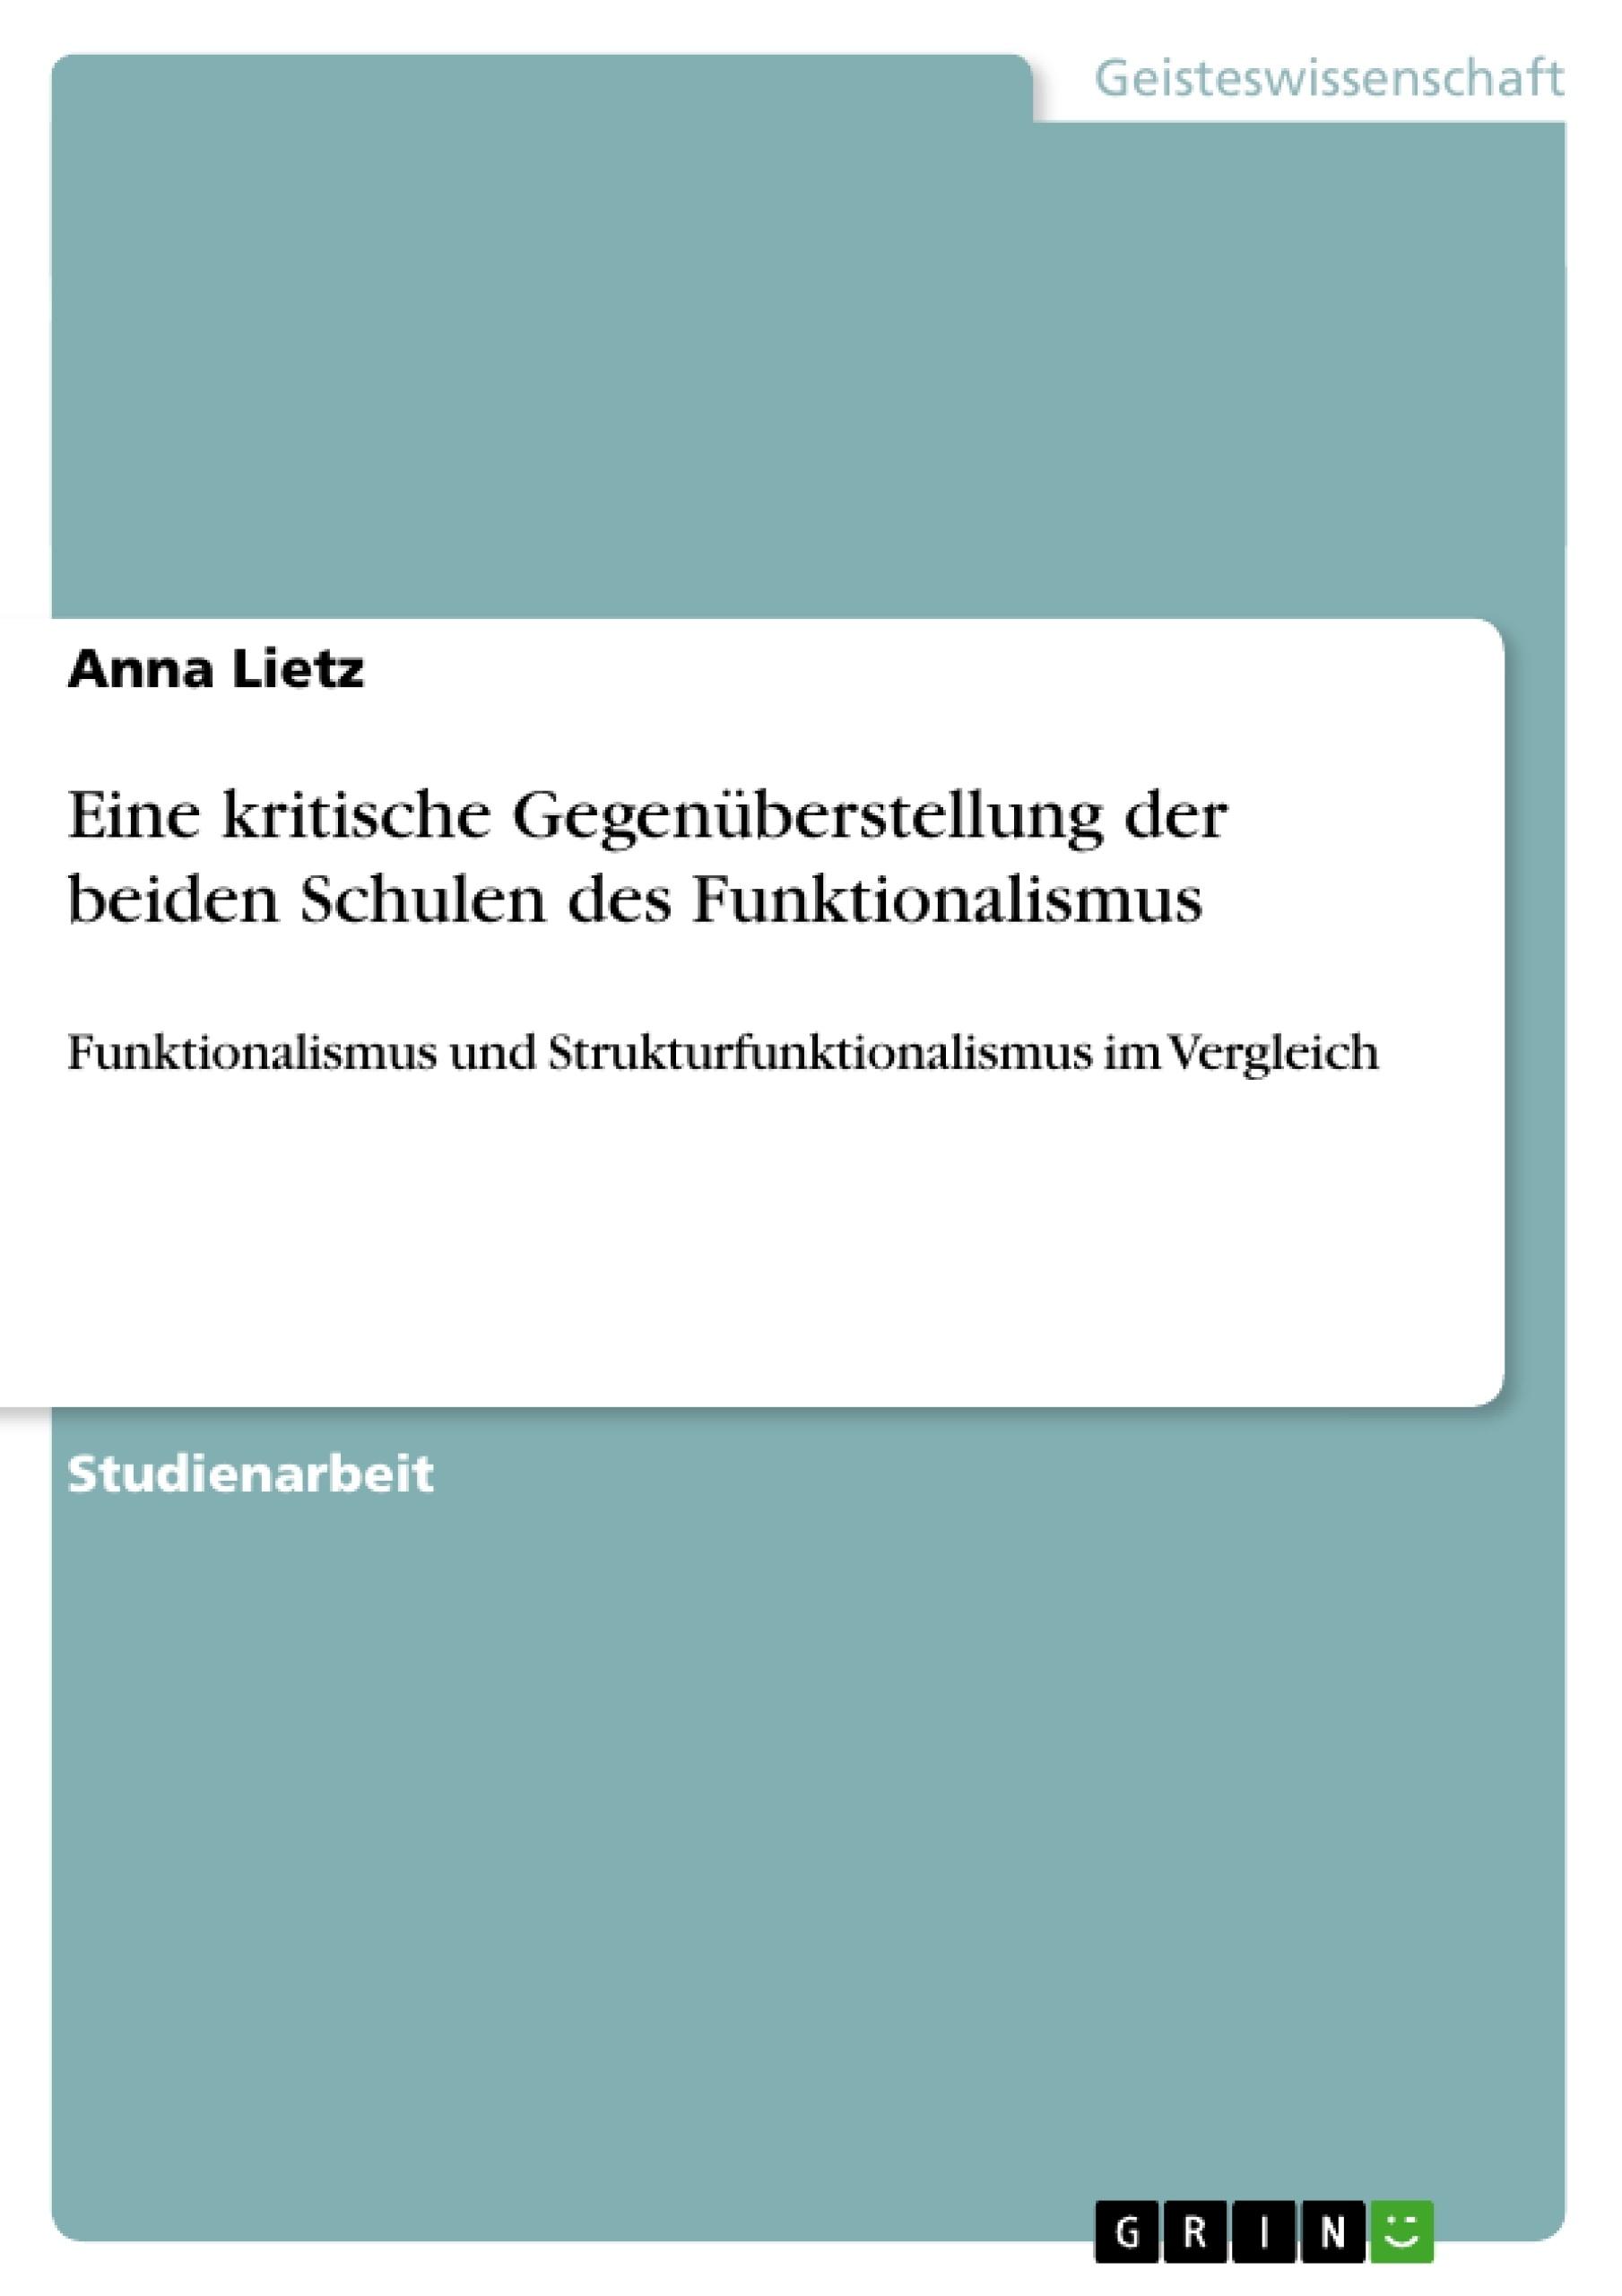 Titel: Eine kritische Gegenüberstellung der beiden Schulen des Funktionalismus